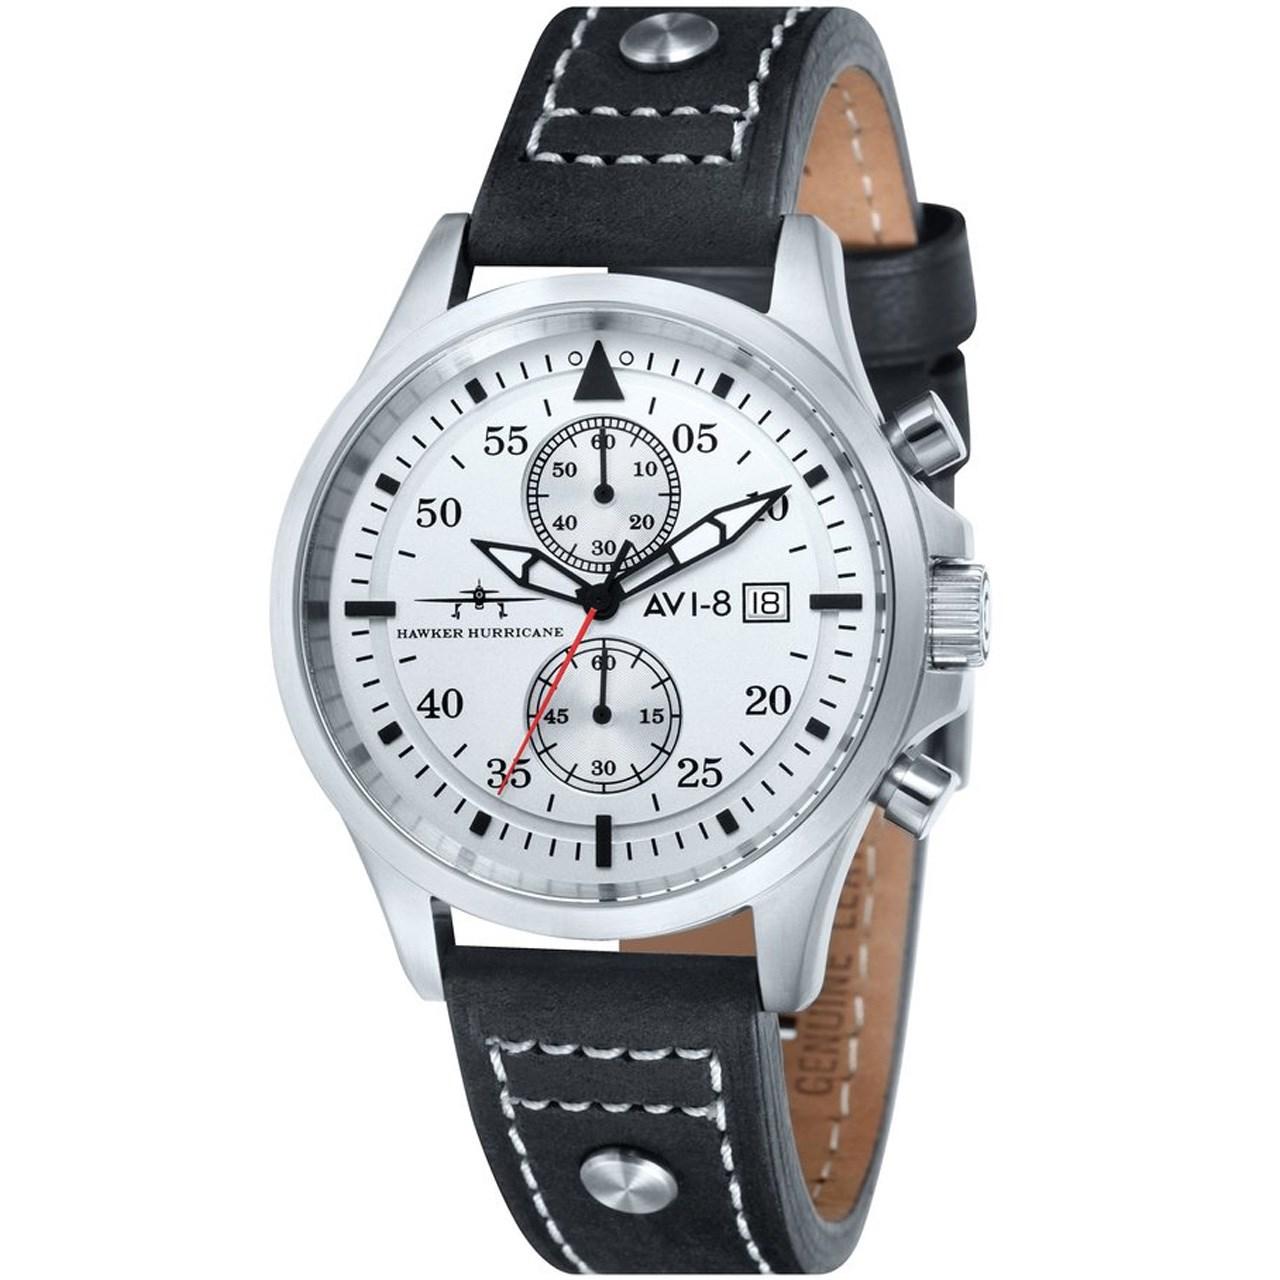 ساعت مچی عقربه ای مردانه ای وی-8 مدل AV-4013-01